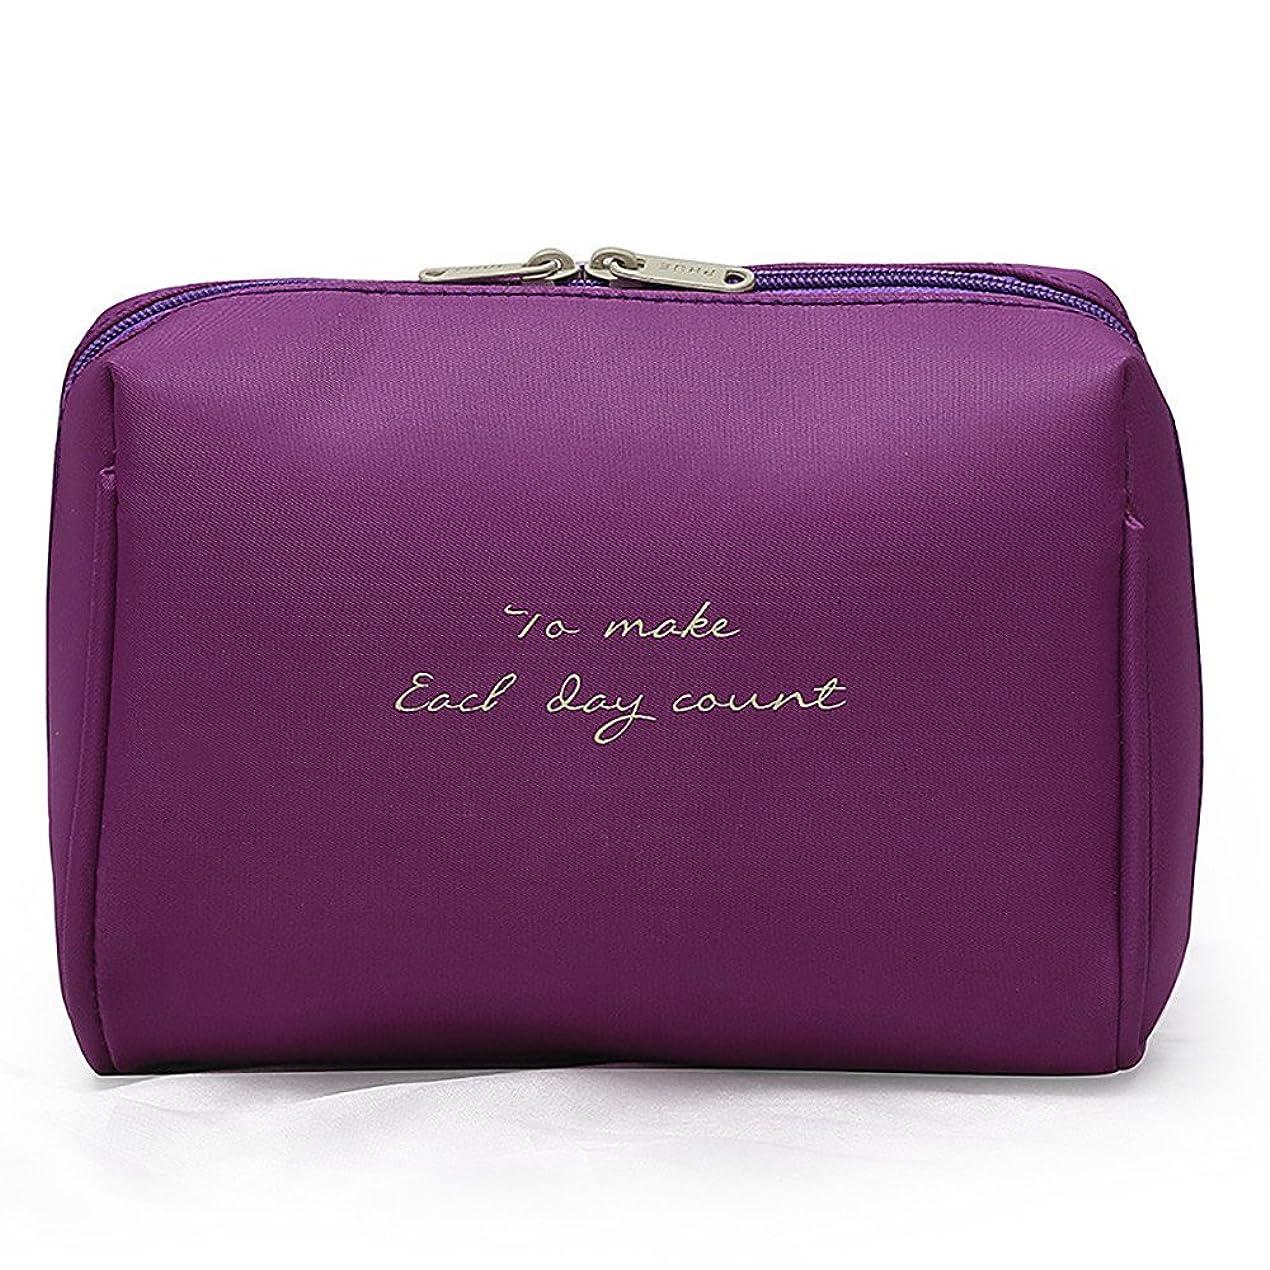 博物館オート番号Fortan化粧ポーチ 純色 可愛い 化粧品 収納バッグ ナイロン メイクボックス コスメポーチ メイクアップポーチ 携帯し易い (紫色)